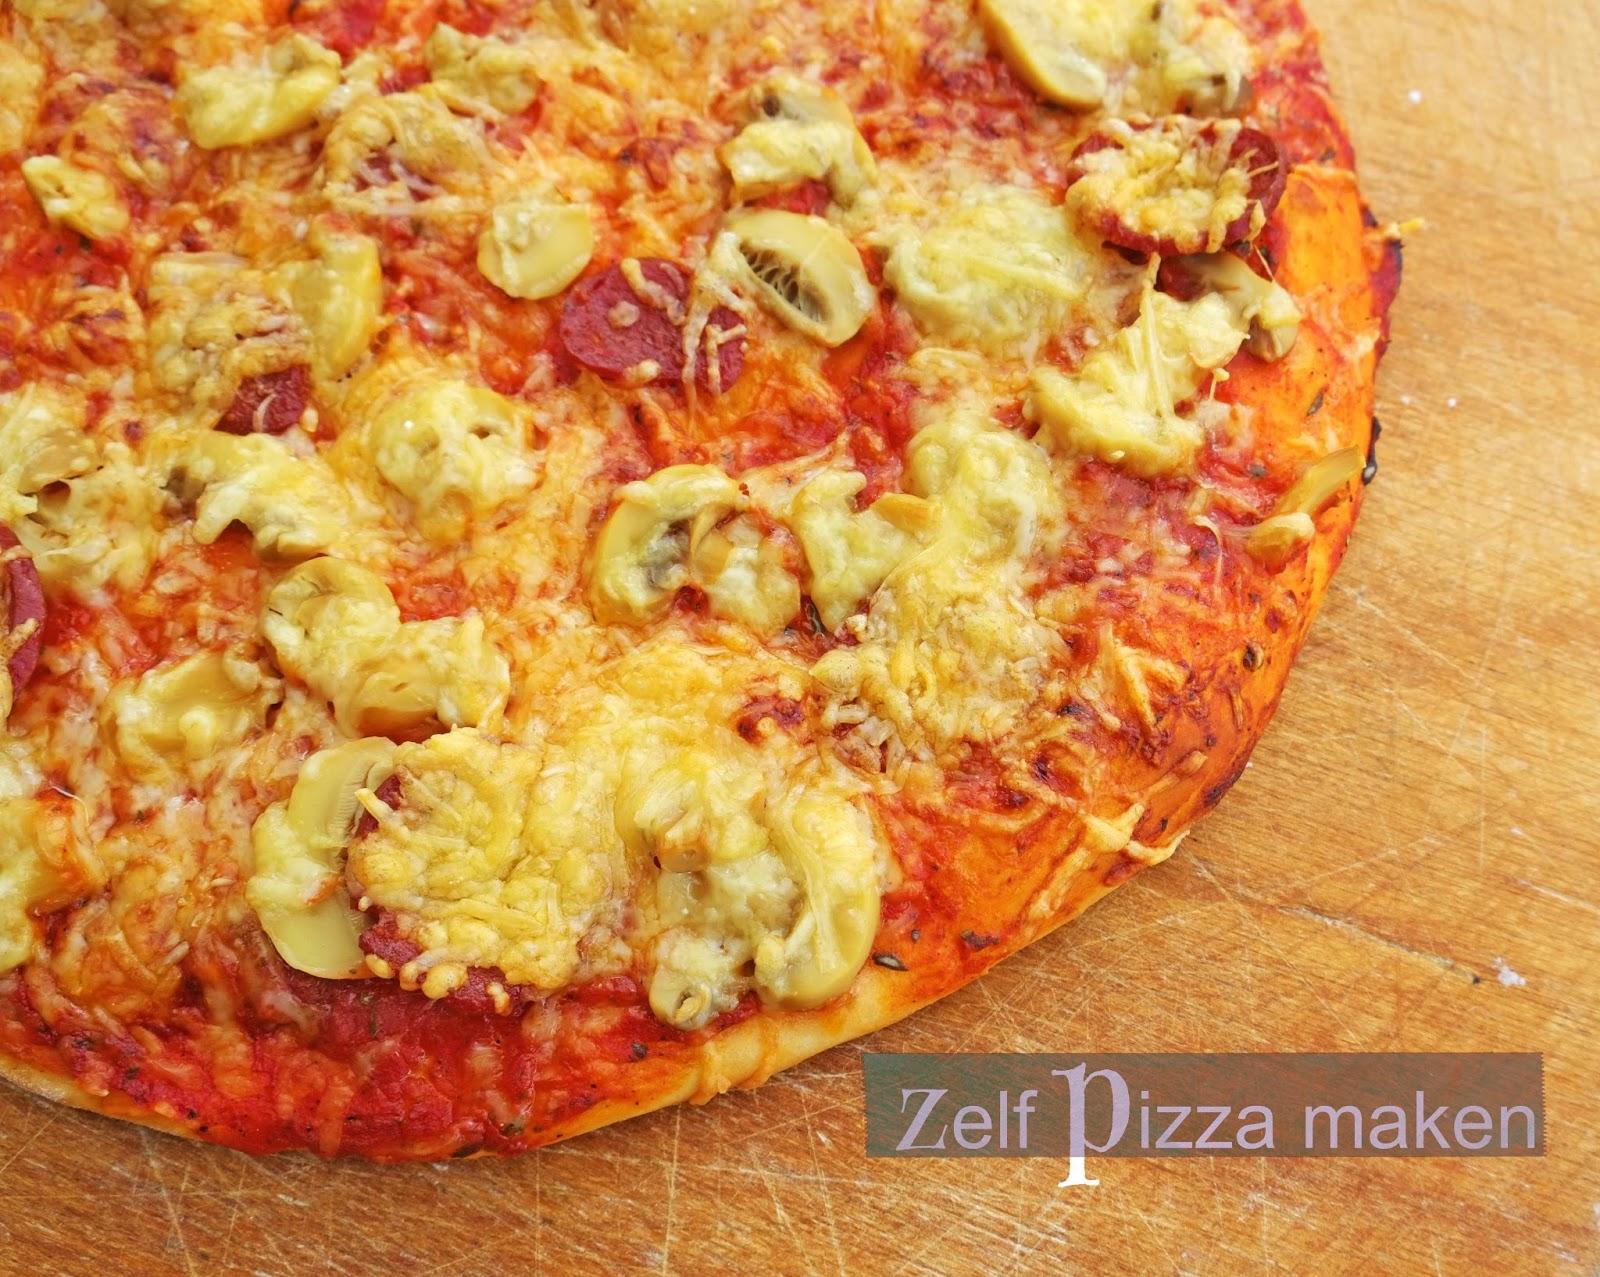 Zelf pizza maken - Uitleg